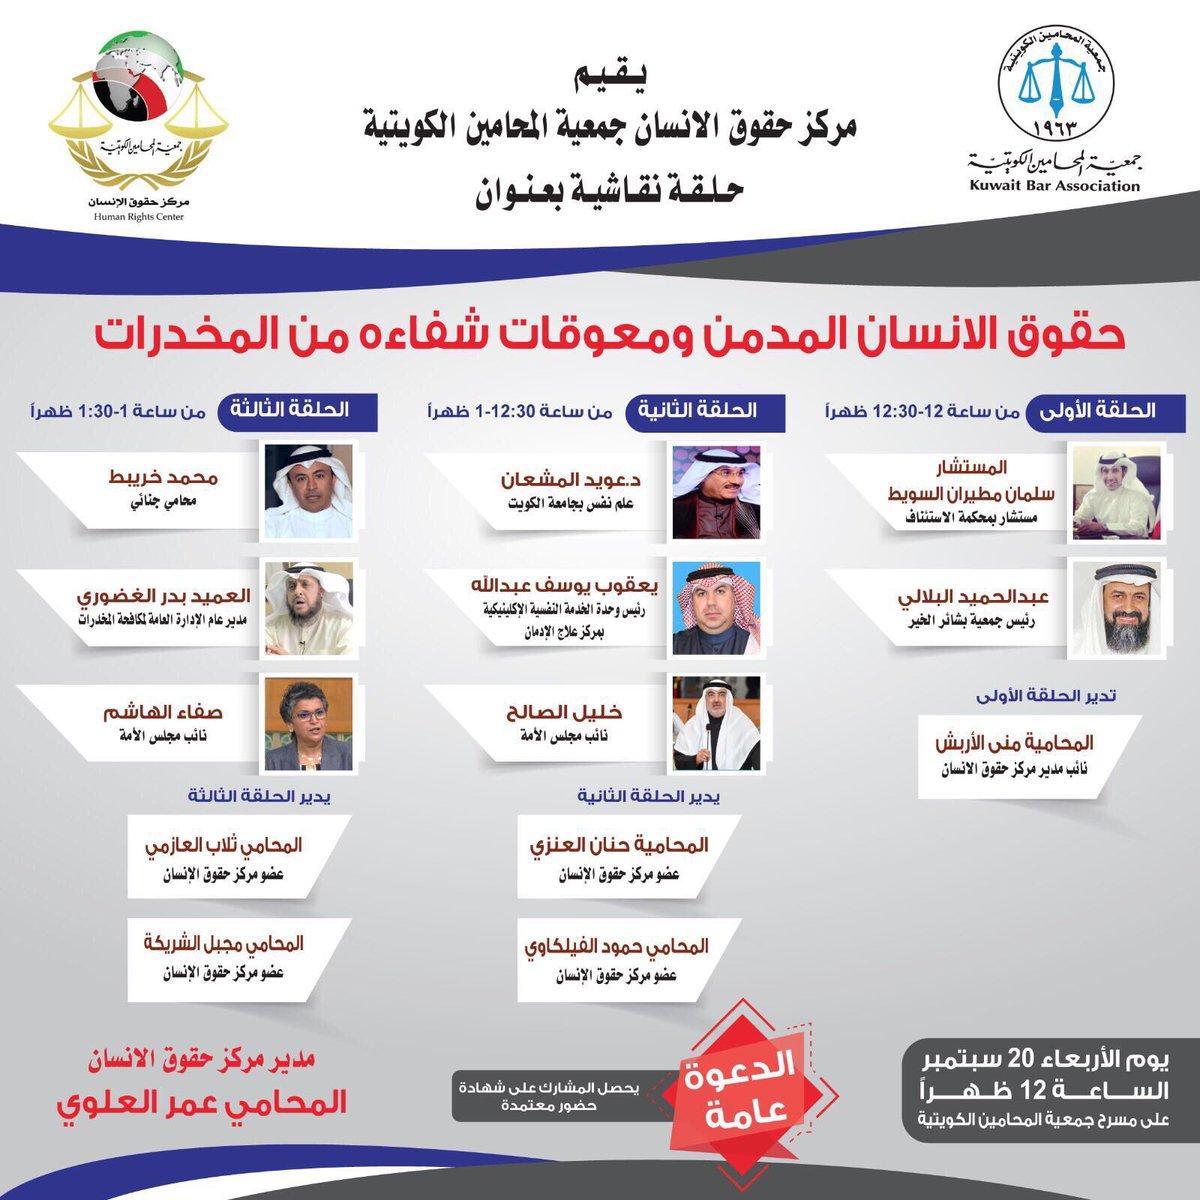 غداً الحلقه النقاشيه #جمعية_المحامين_الكويتيهpic.twitter.com/u9FRVqEC7A